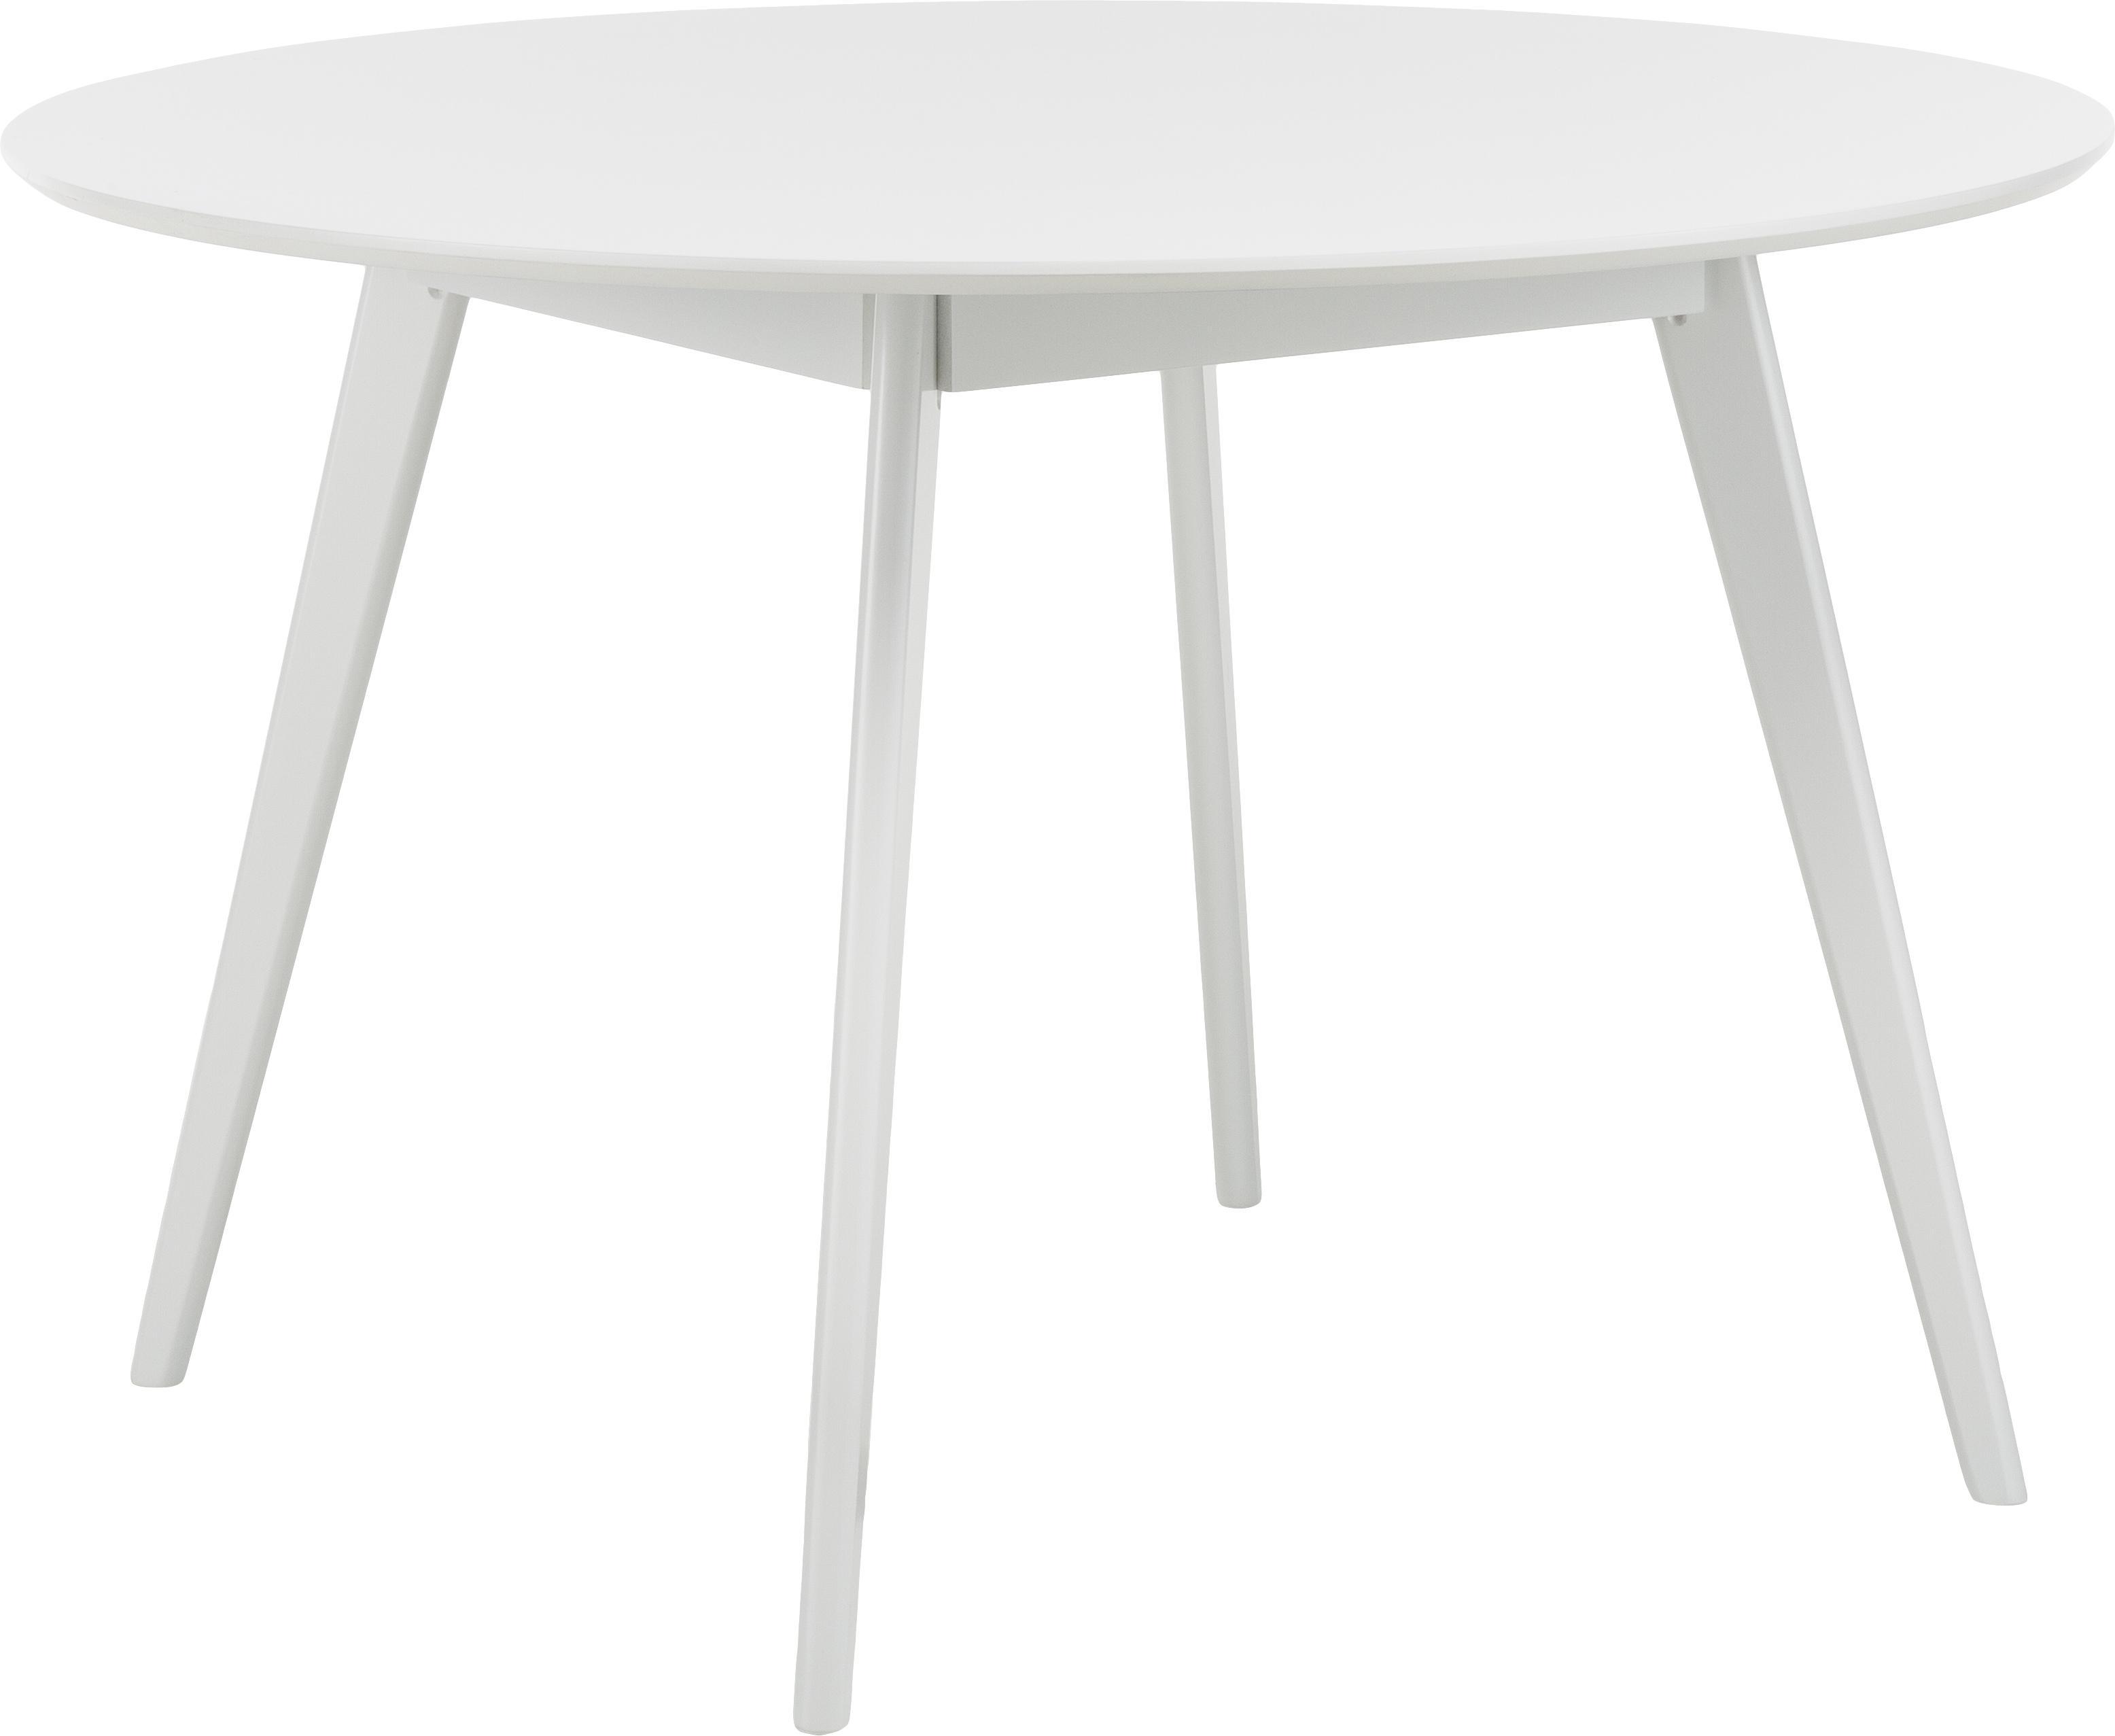 Okrągły stół do jadalni Yumi, Blat: płyta pilśniowa średniej , Nogi: drewno kauczukowe, masywn, Biały, Ø 115 cm